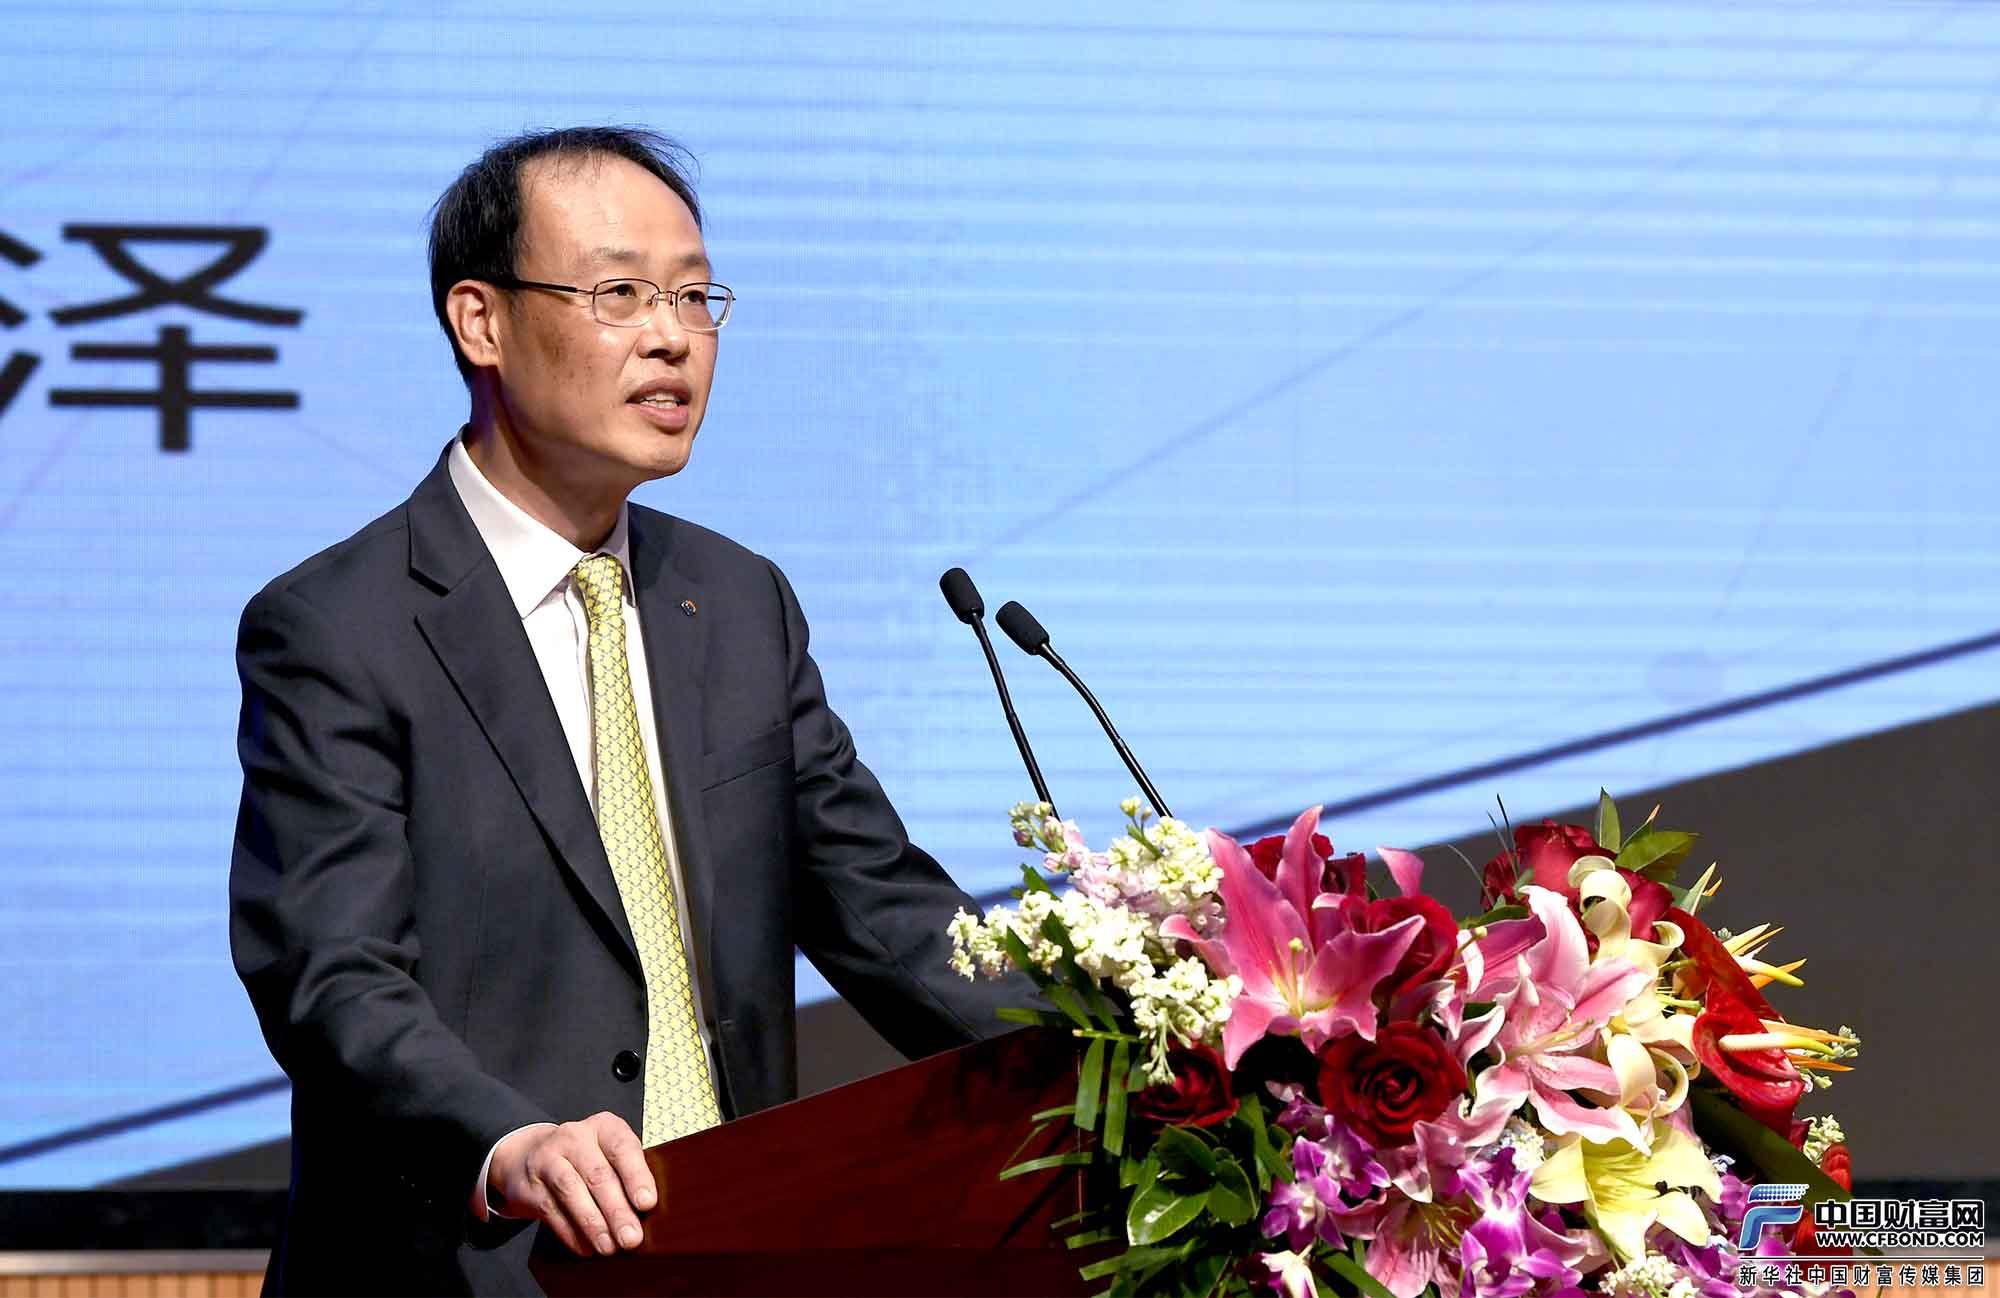 专题演讲:韩国首尔全球业务中心总监林亨泽